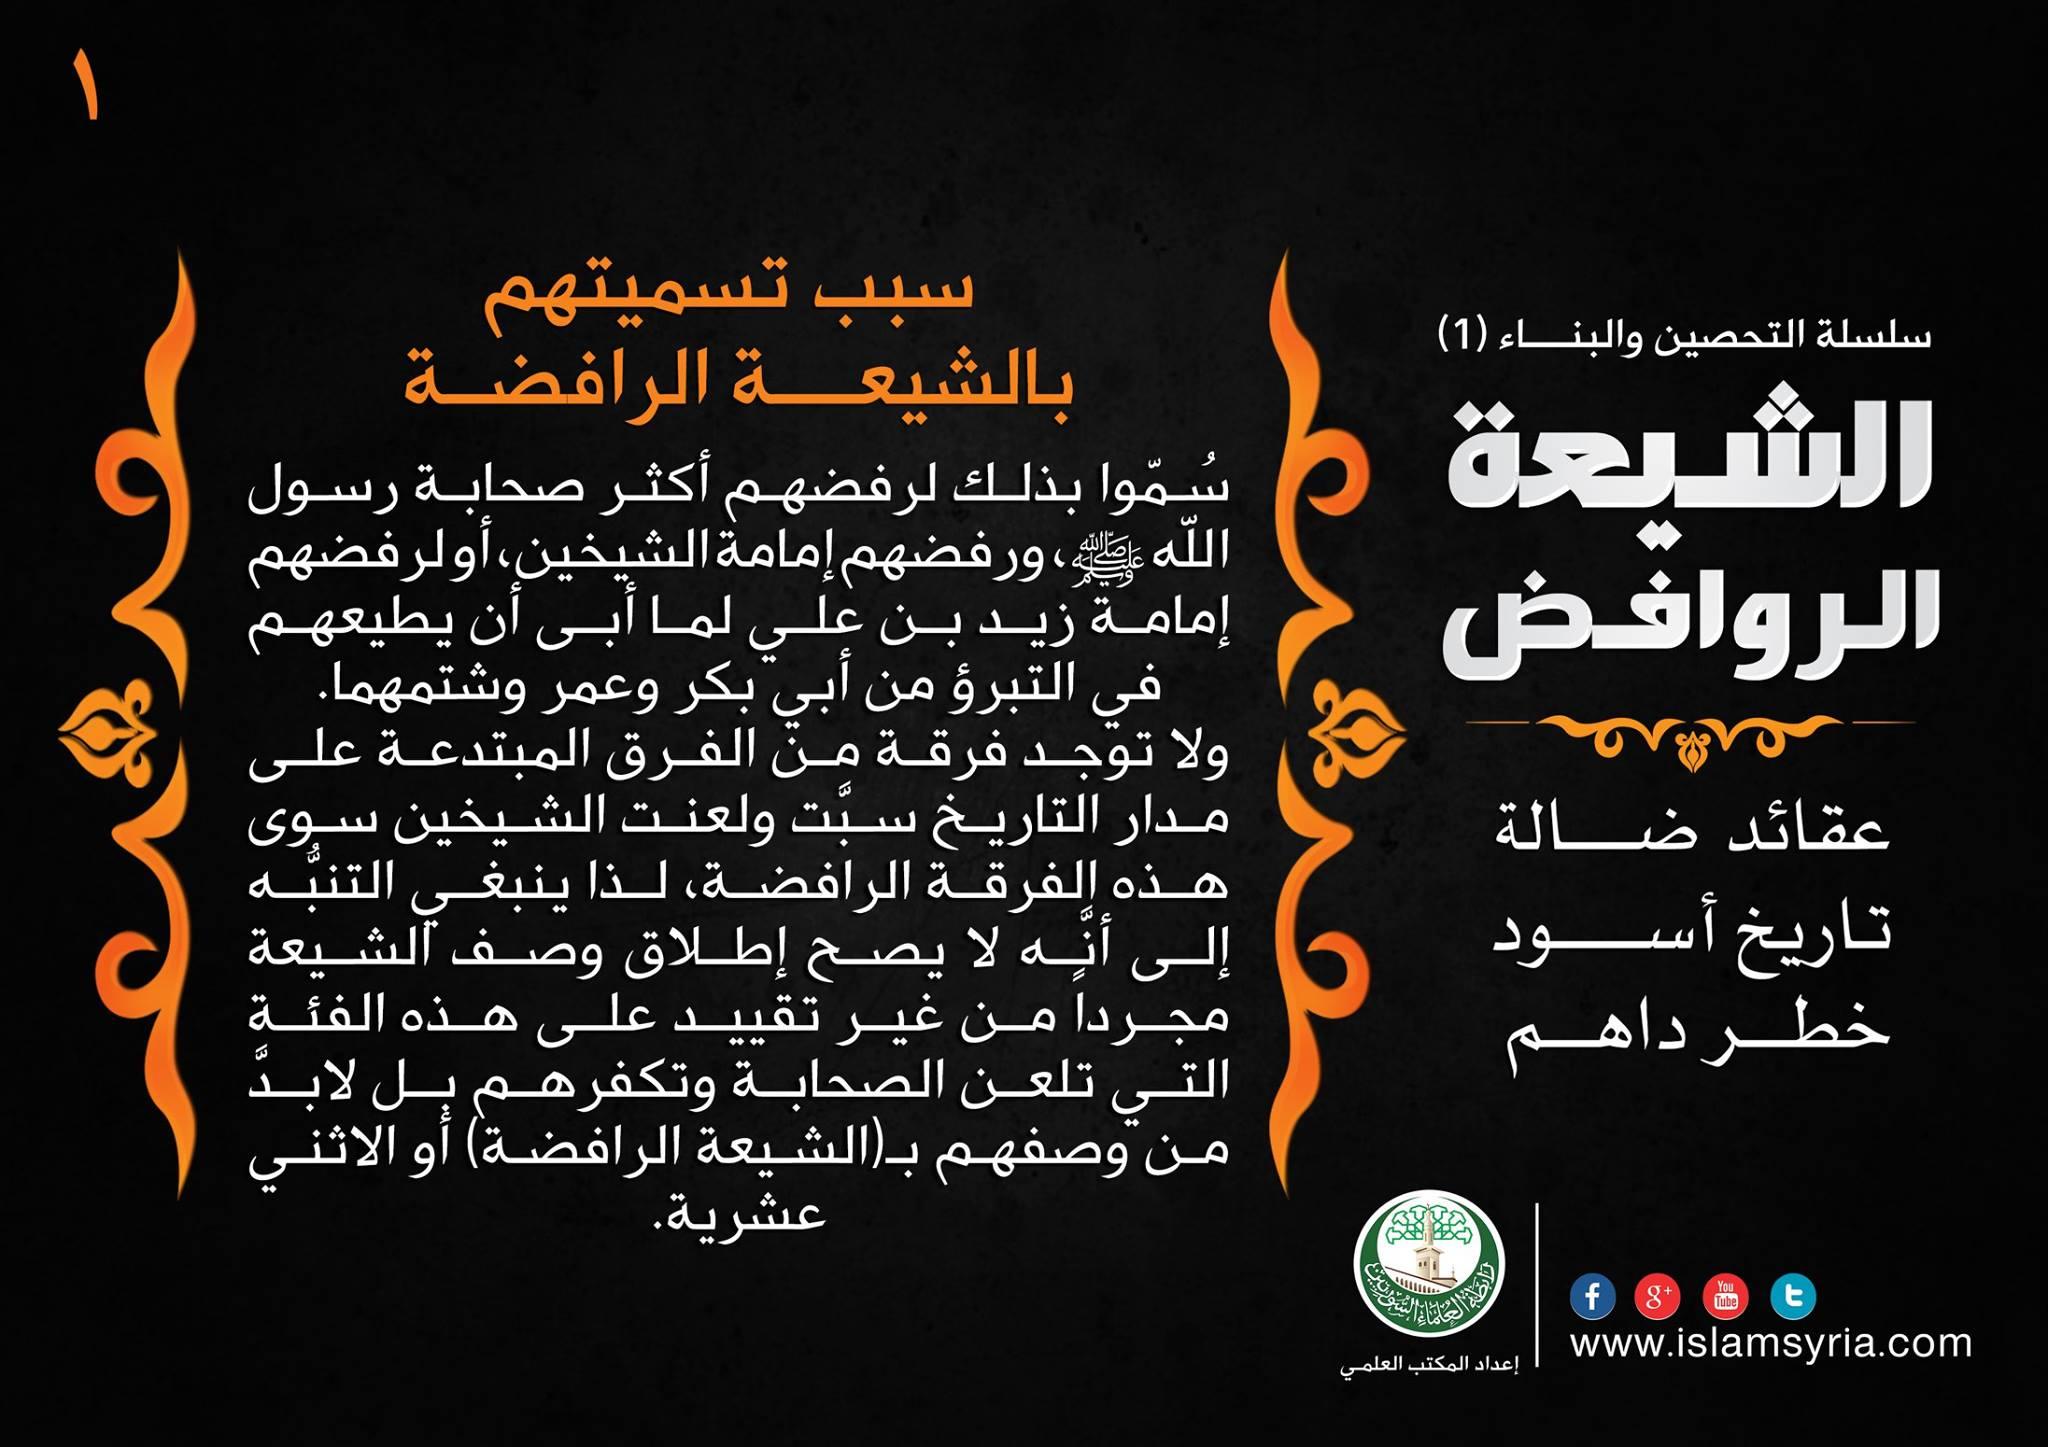 سلسلة التحصين والبناء -1- الشيعة الروافض